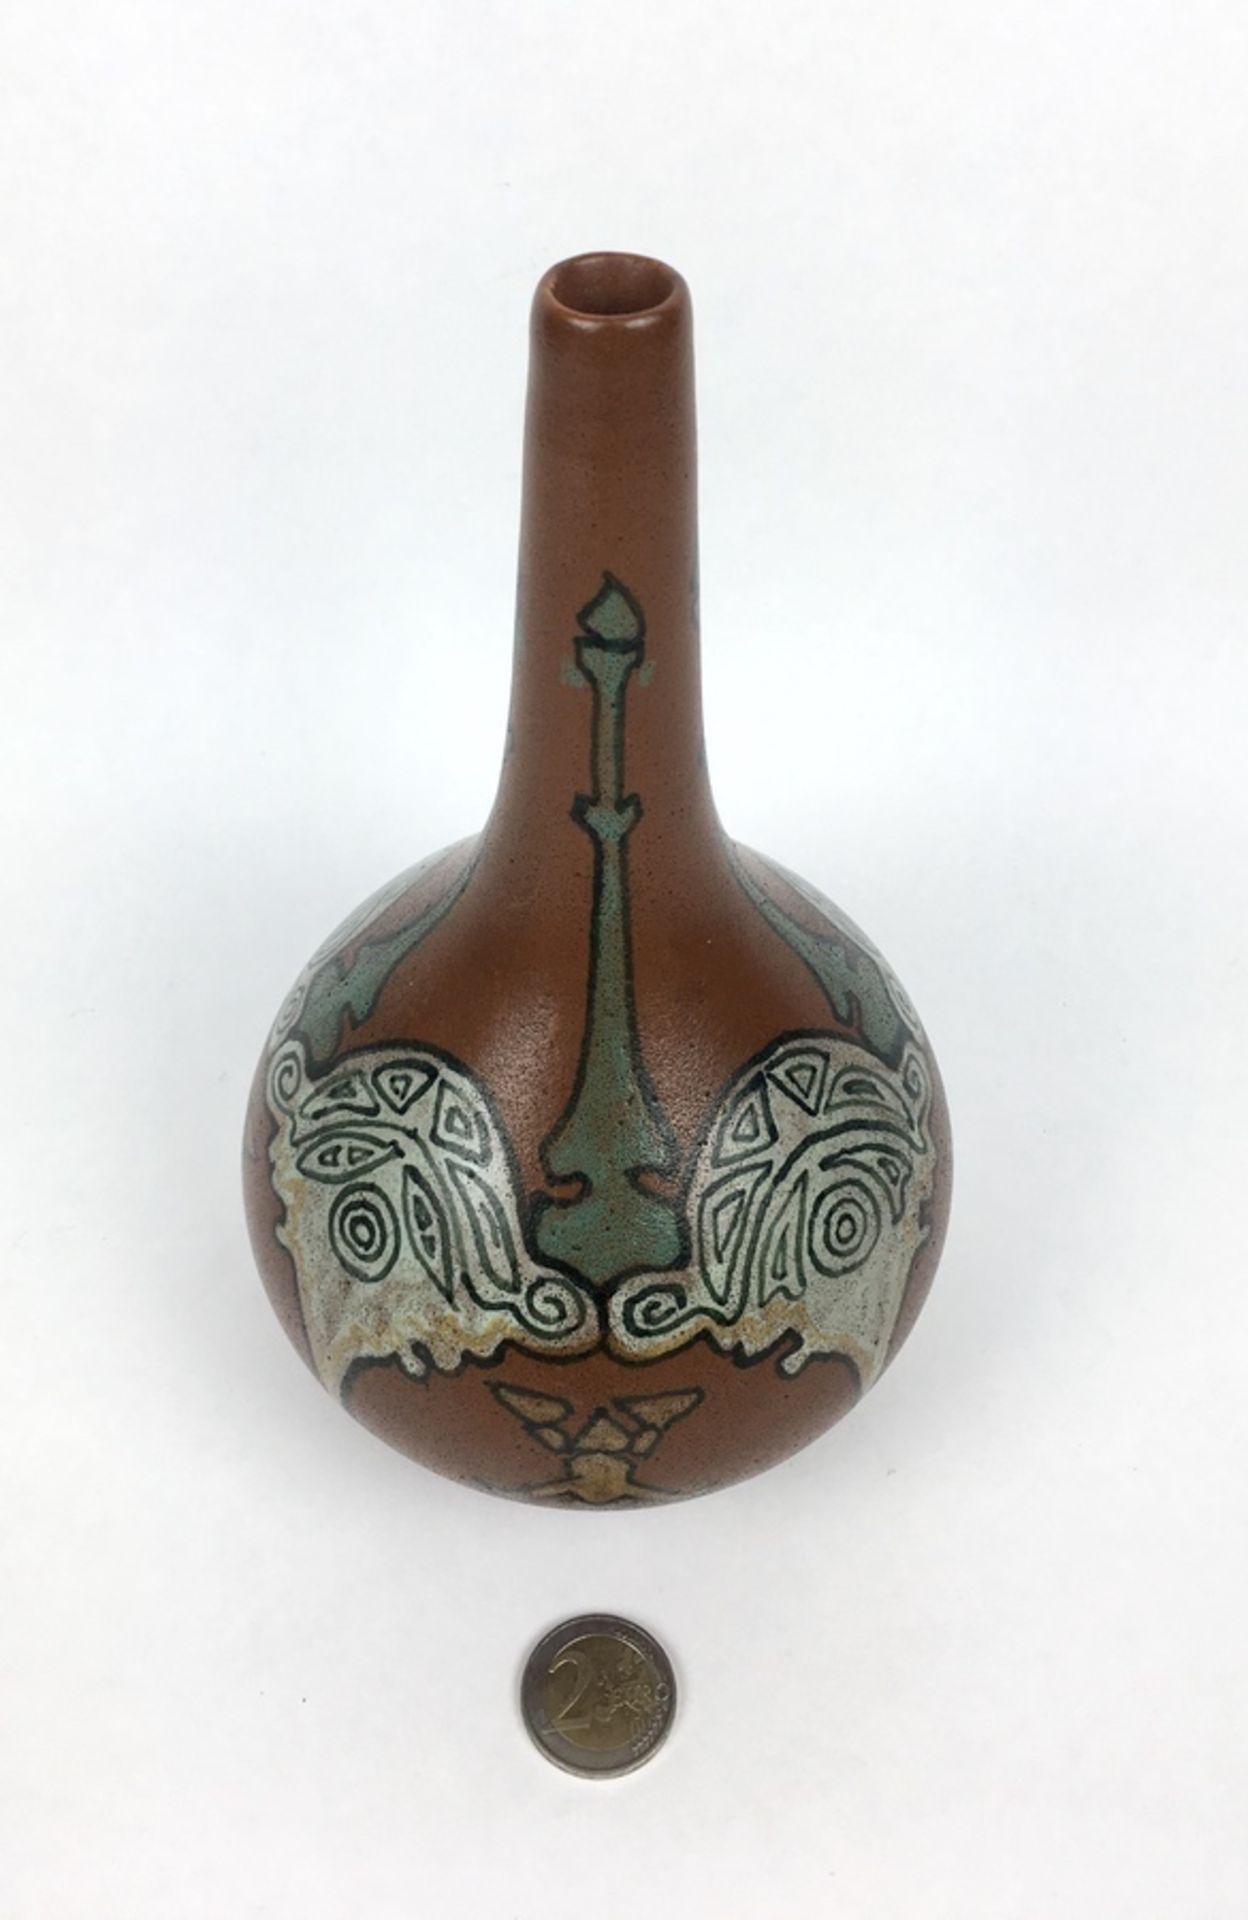 (Toegpaste kunst) Aardewerk vaas, Nienhuis De Distel AmsterdamGeglazuurde aardewerk vaas, gemaa - Image 2 of 5